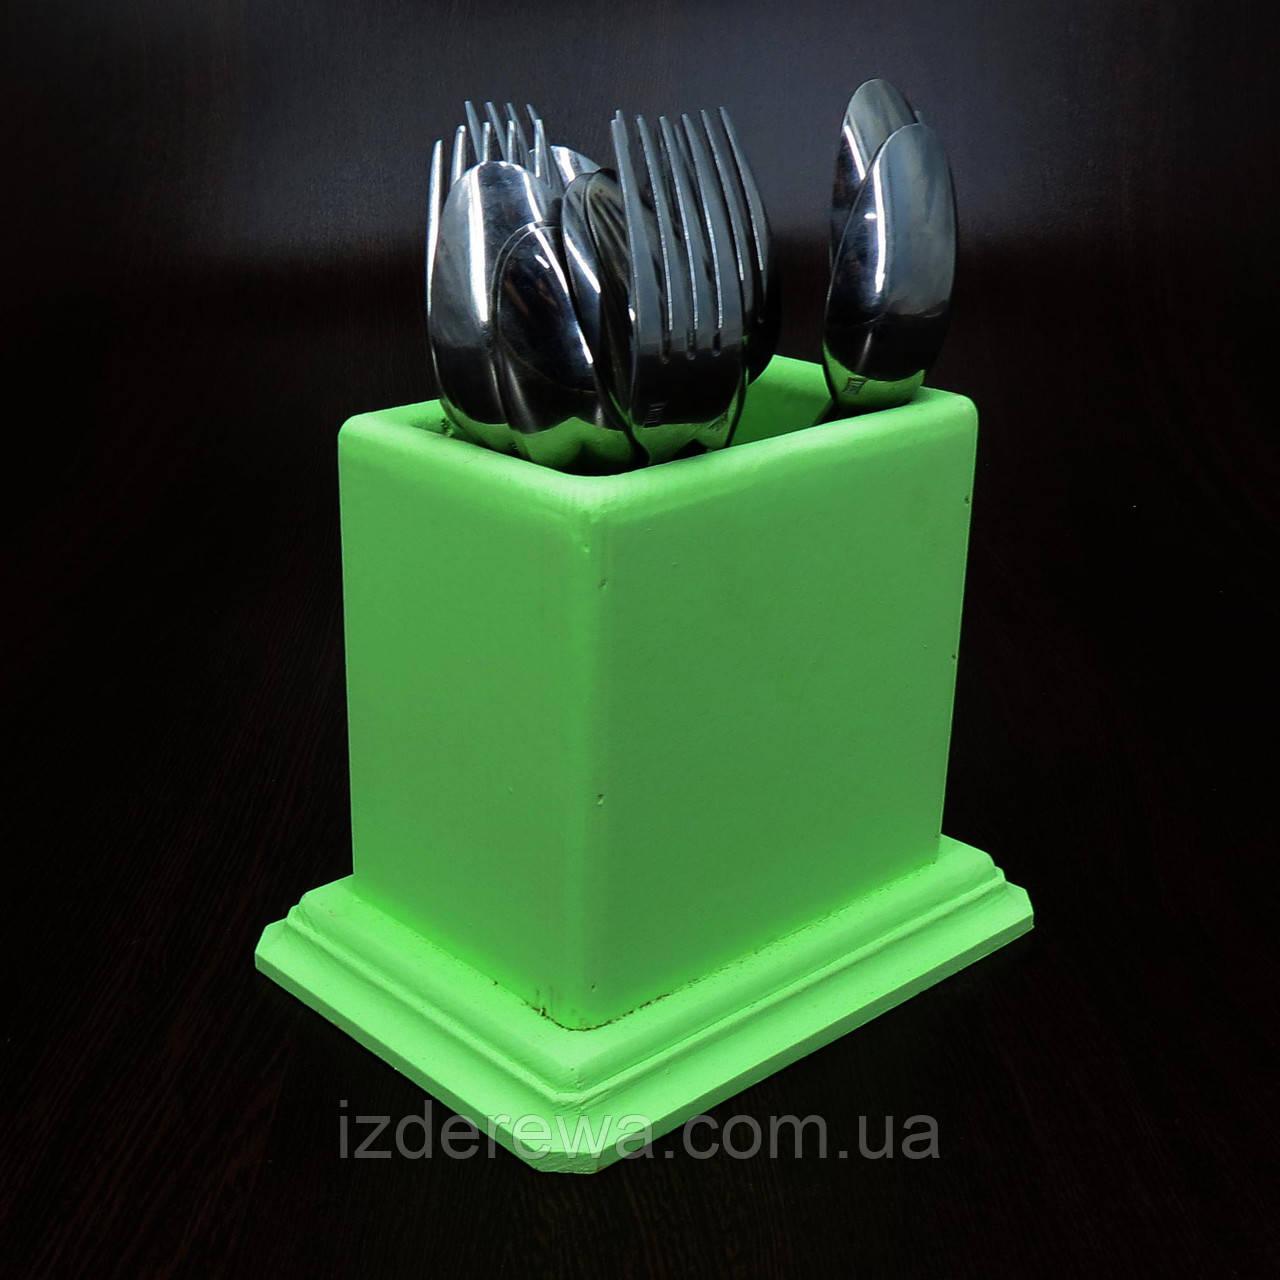 """Підставка для столових приладів """"Дольче"""" мохіто"""